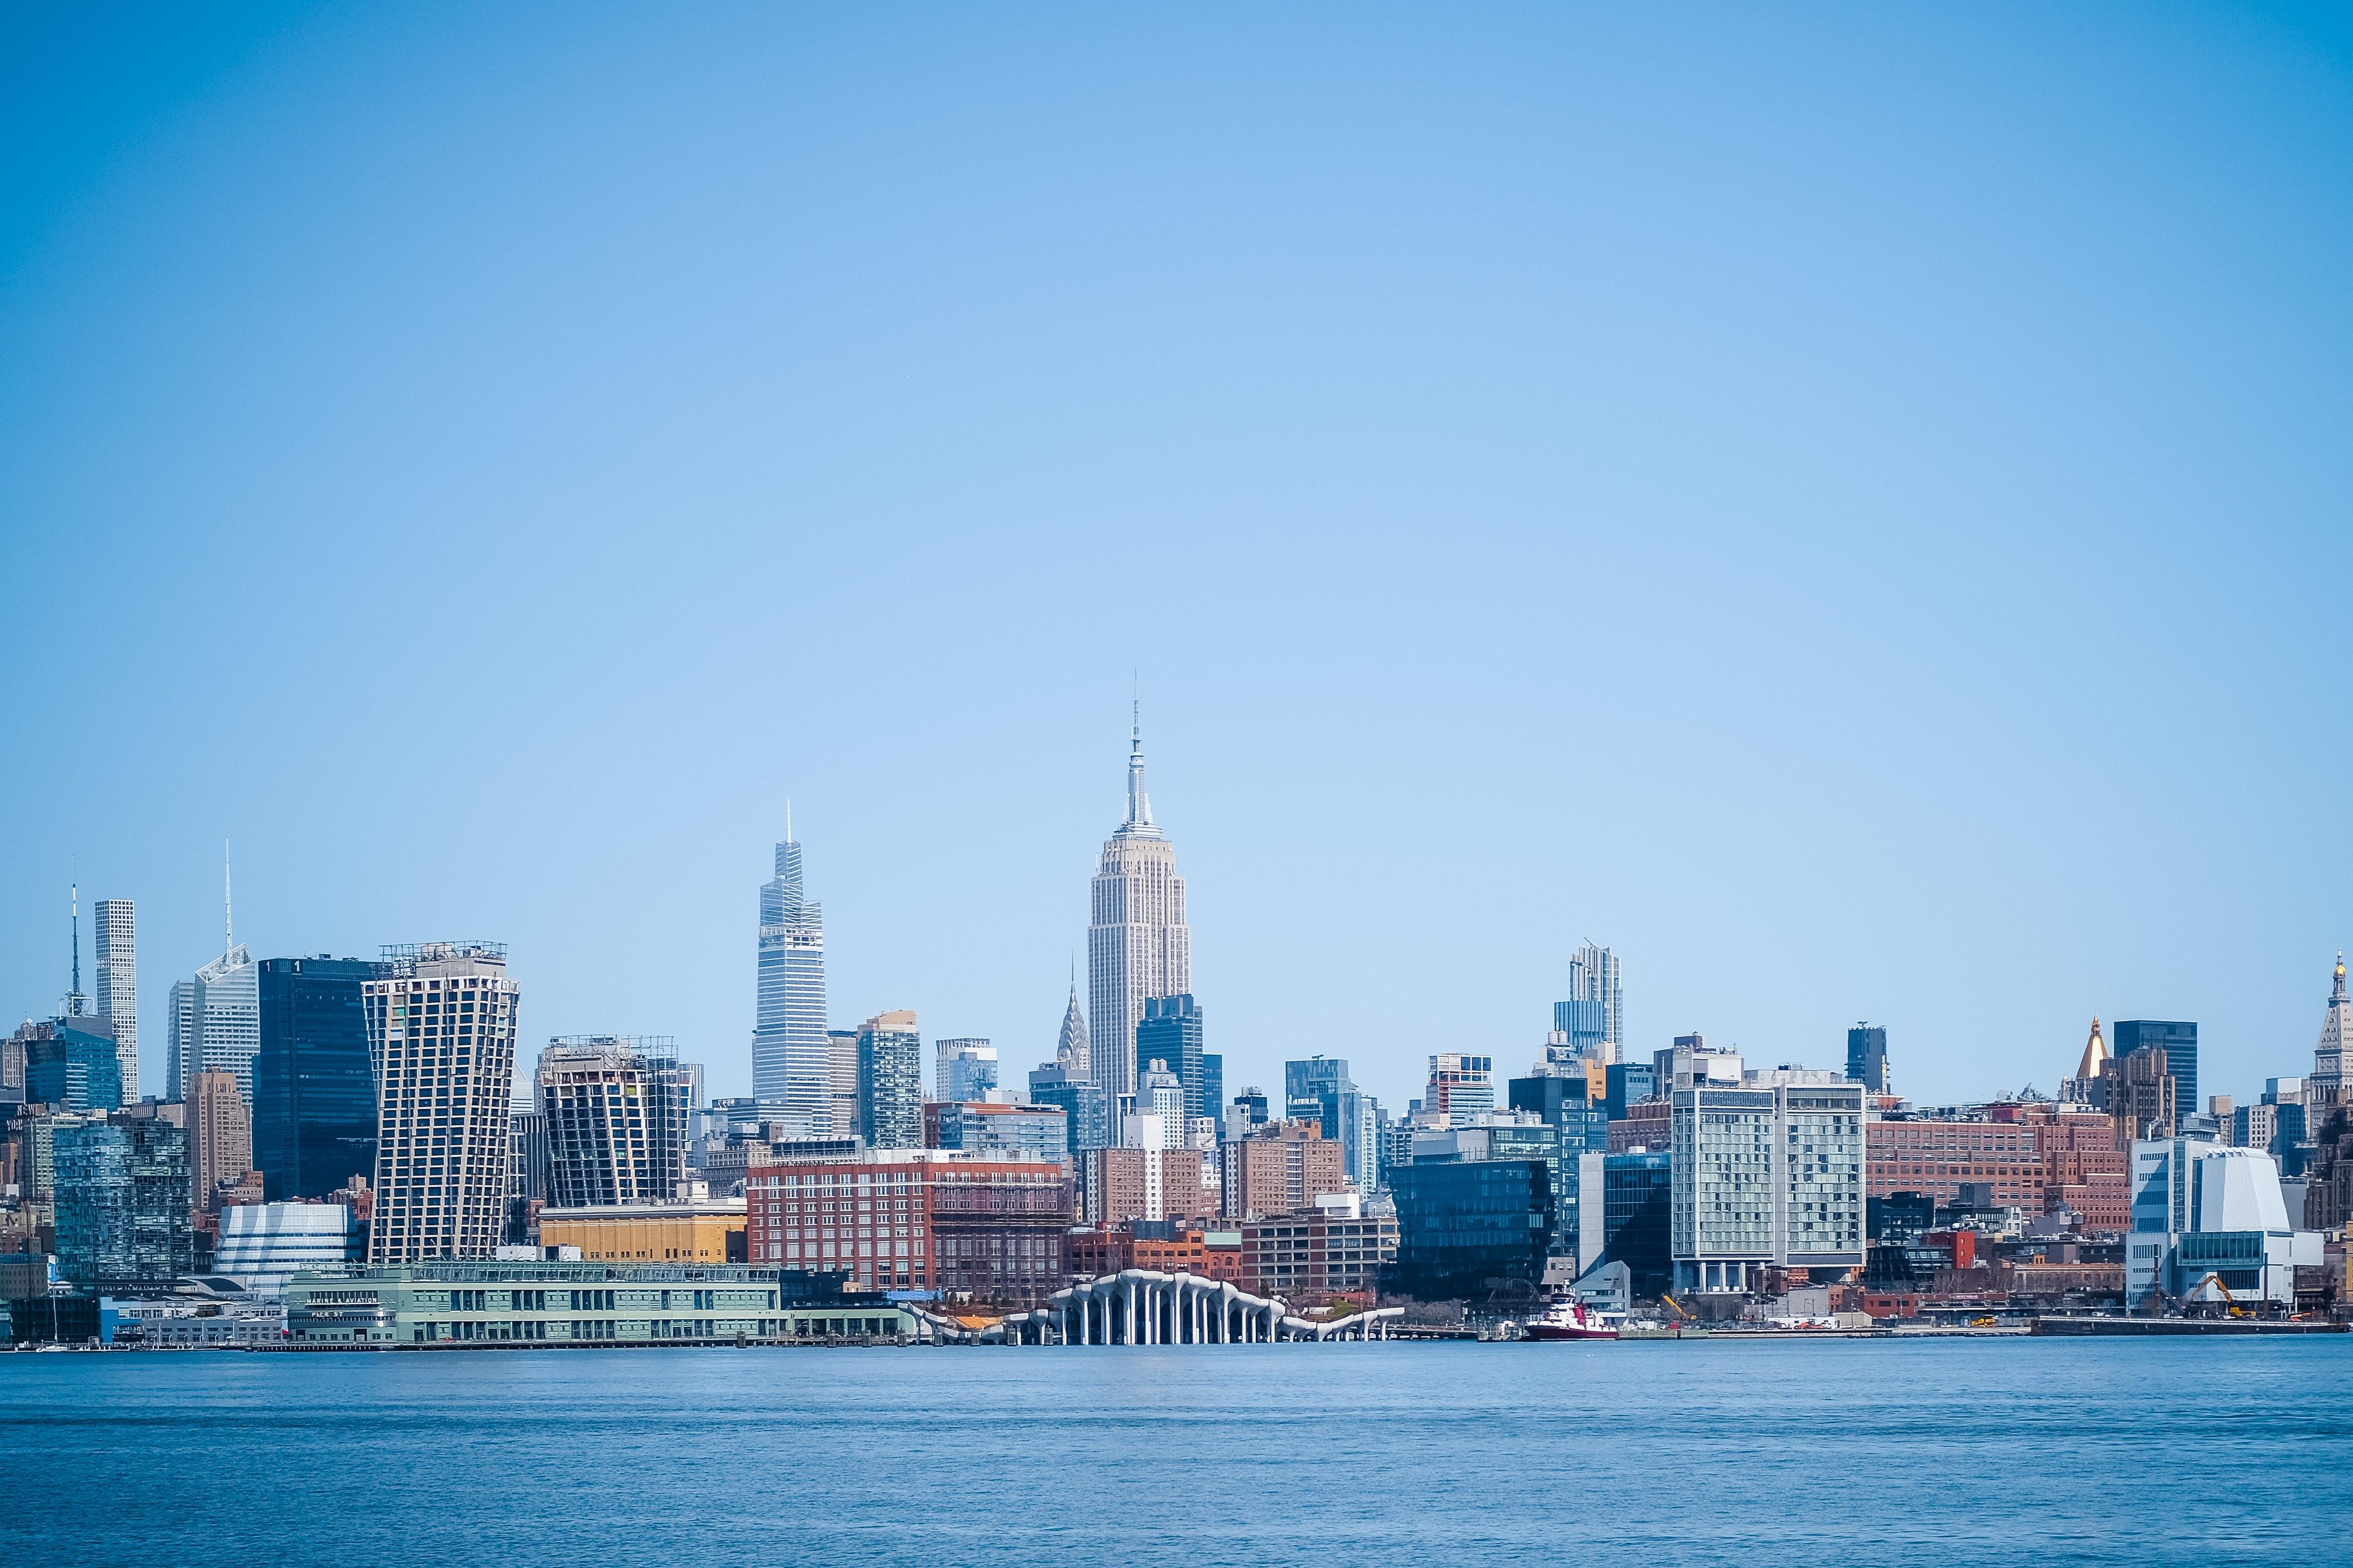 145128 fondo de pantalla 1920x1080 en tu teléfono gratis, descarga imágenes Ciudad, Edificio, Agua, Ríos, Nueva York, Arquitectura, Ciudades 1920x1080 en tu móvil